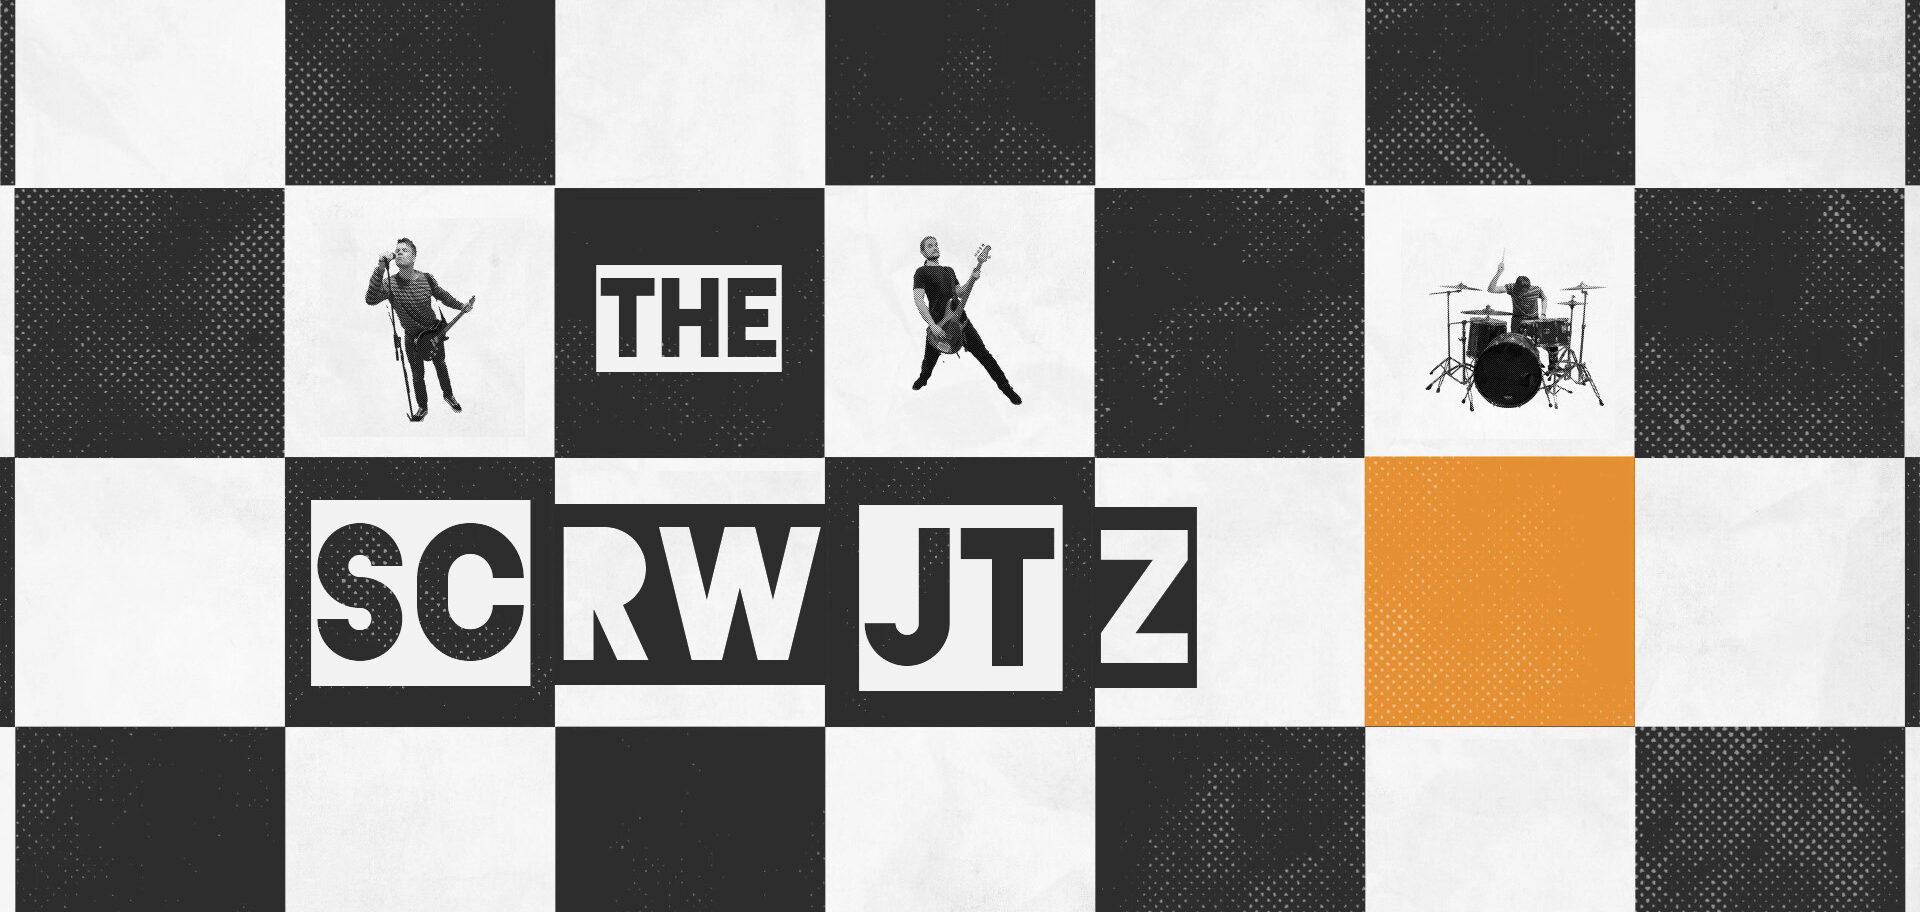 The Screwjetz